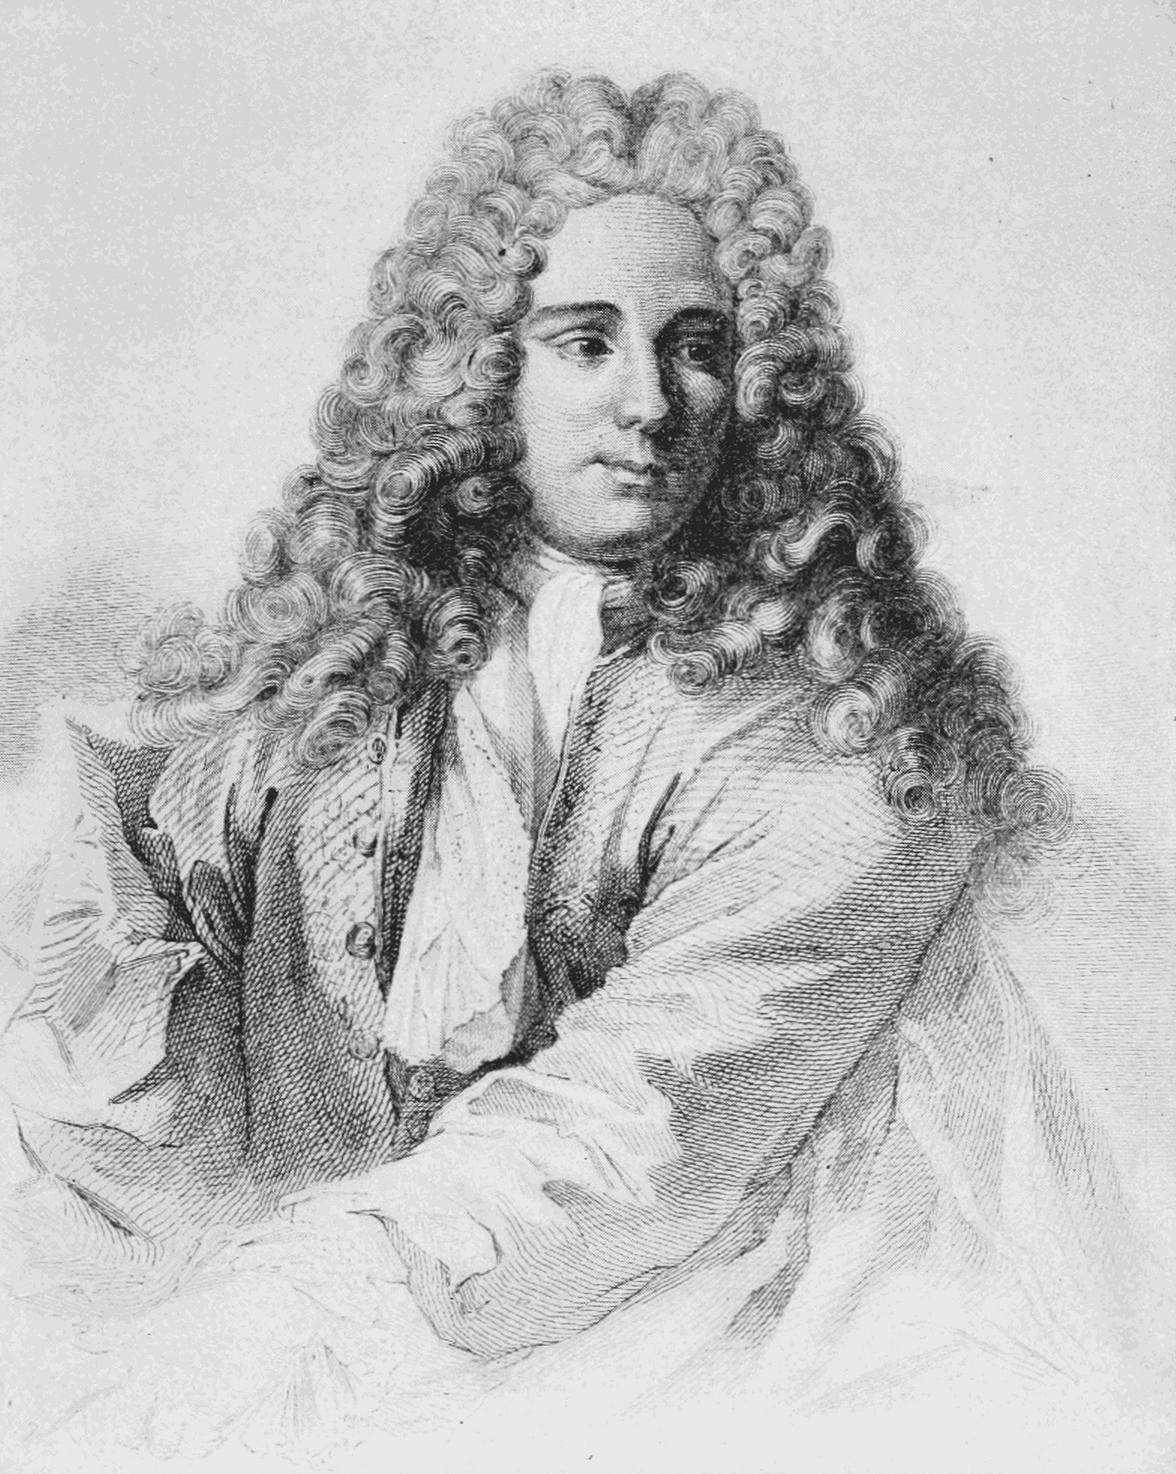 Пьер Луи Моро де Мопертюи